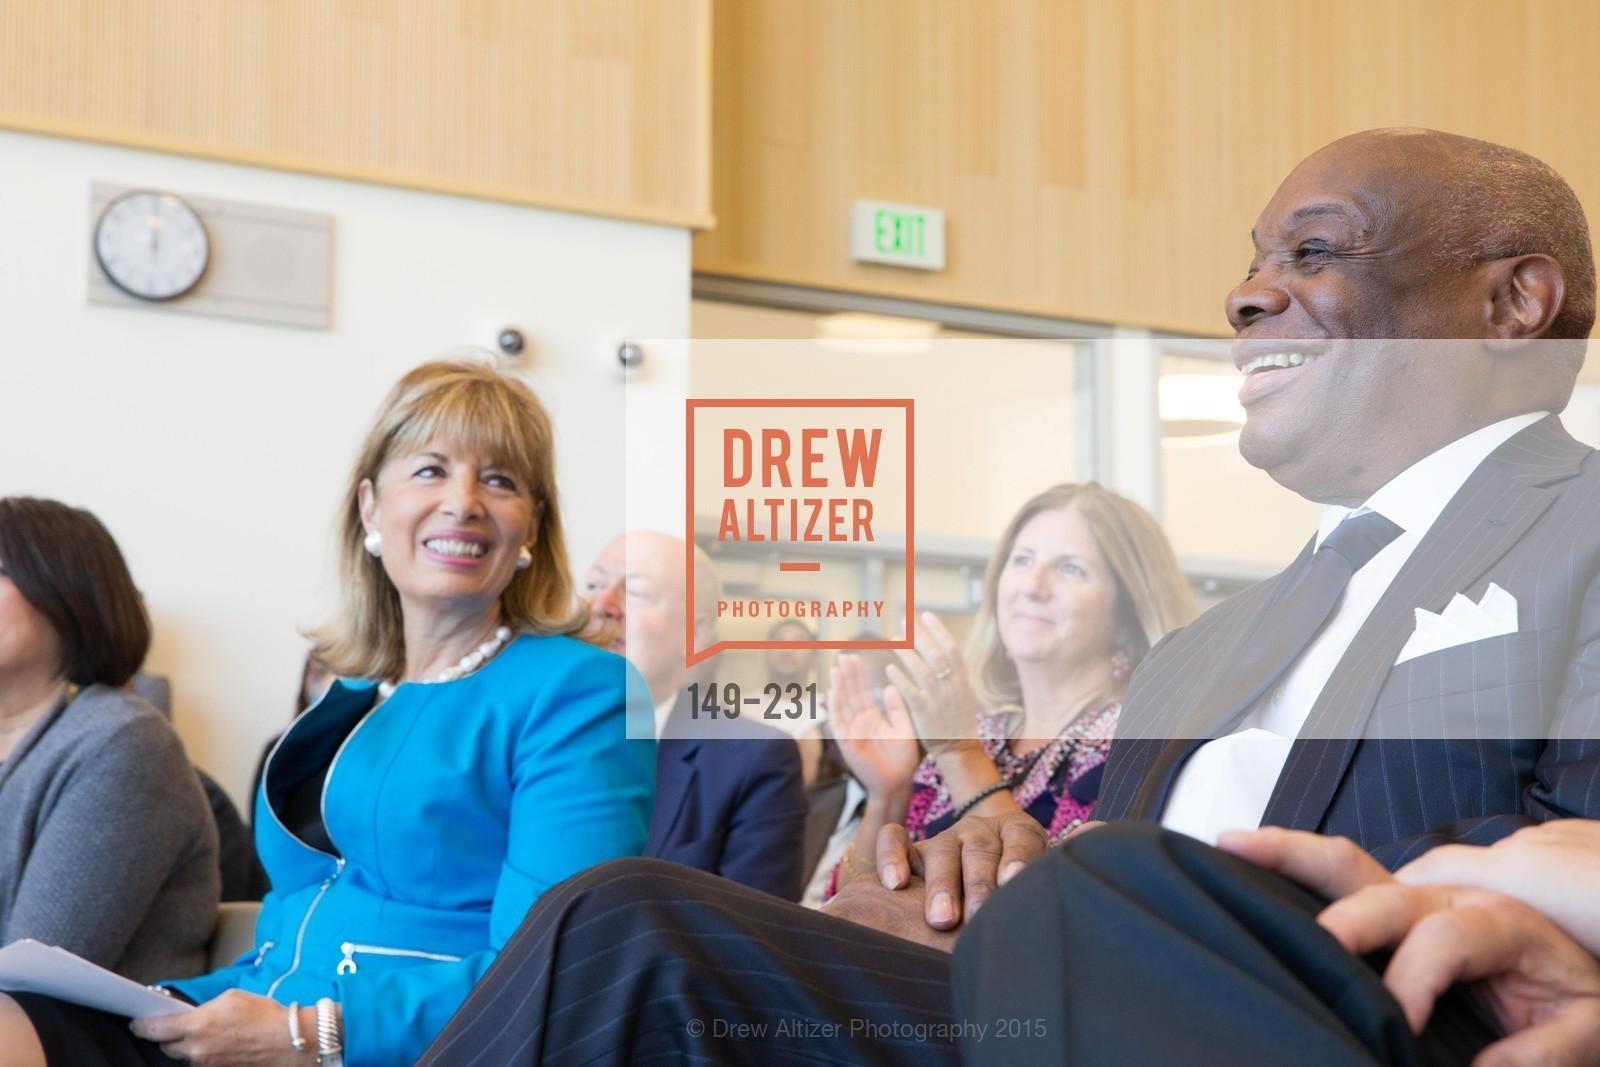 Jackie Speier, Willie Brown, Photo #149-231